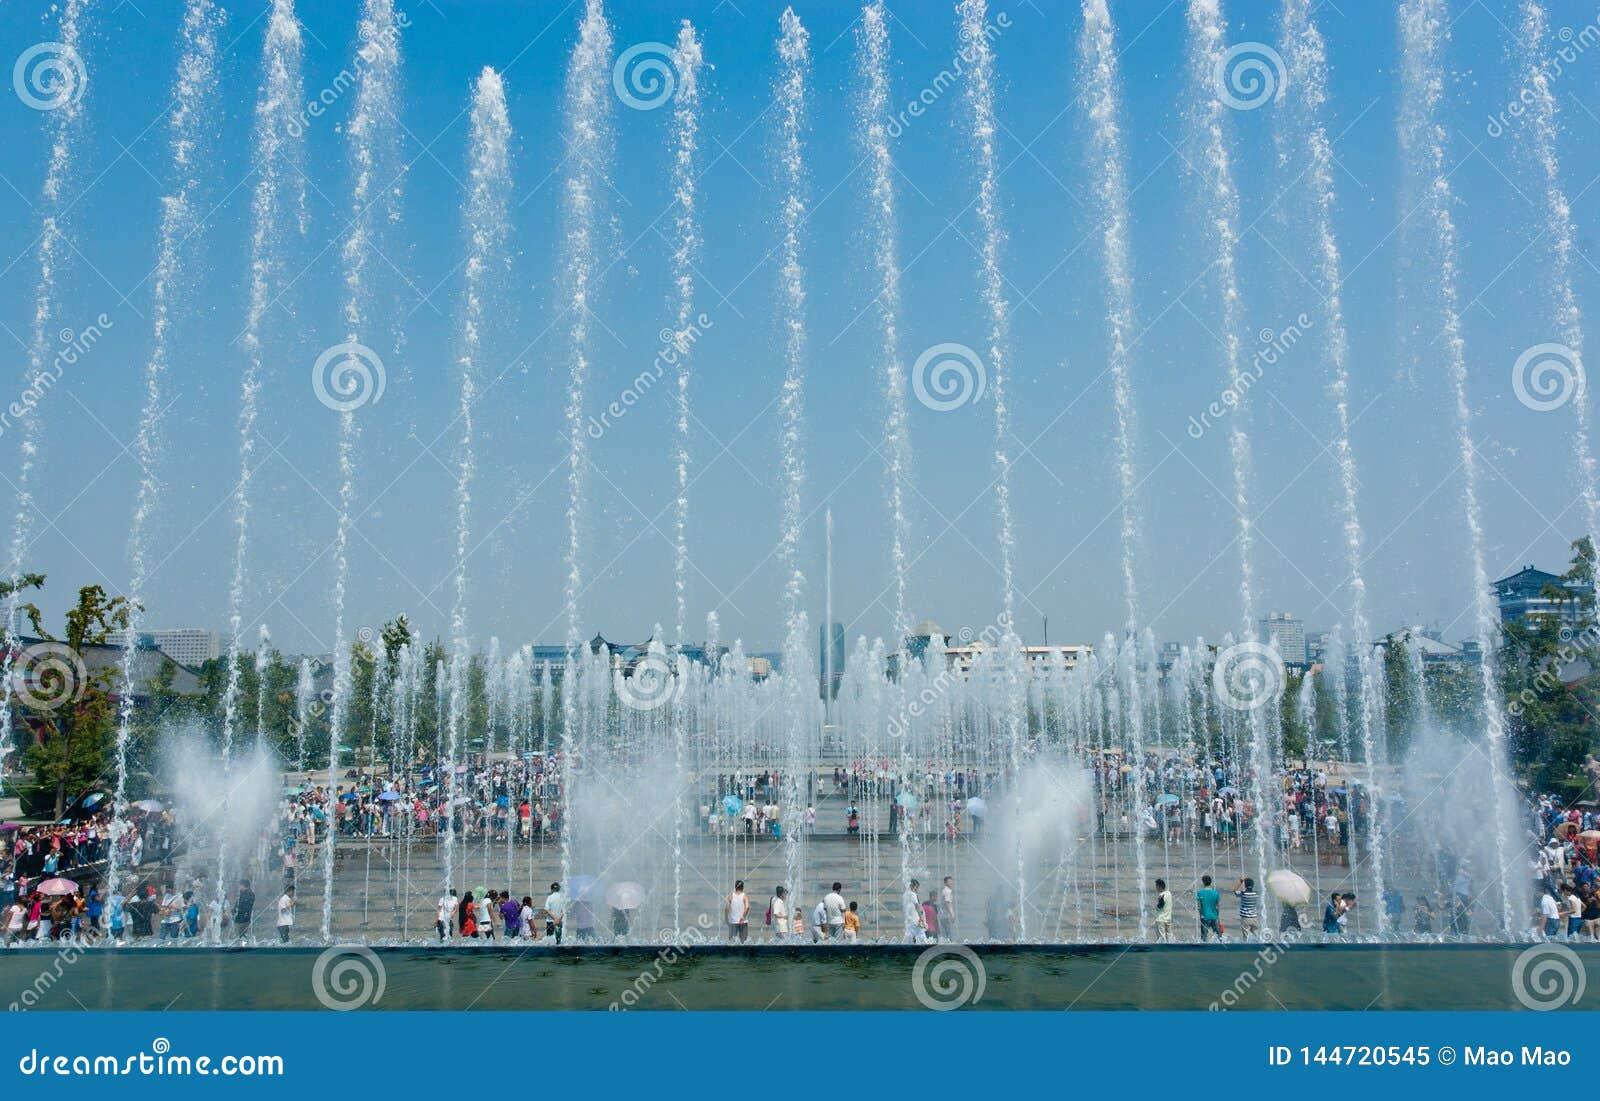 Xian, Китай 17,2012 -го август Фонтан Сиань музыкальный с большей дикой предпосылкой пагоды гусыни в XI провинции Шаньси Китае